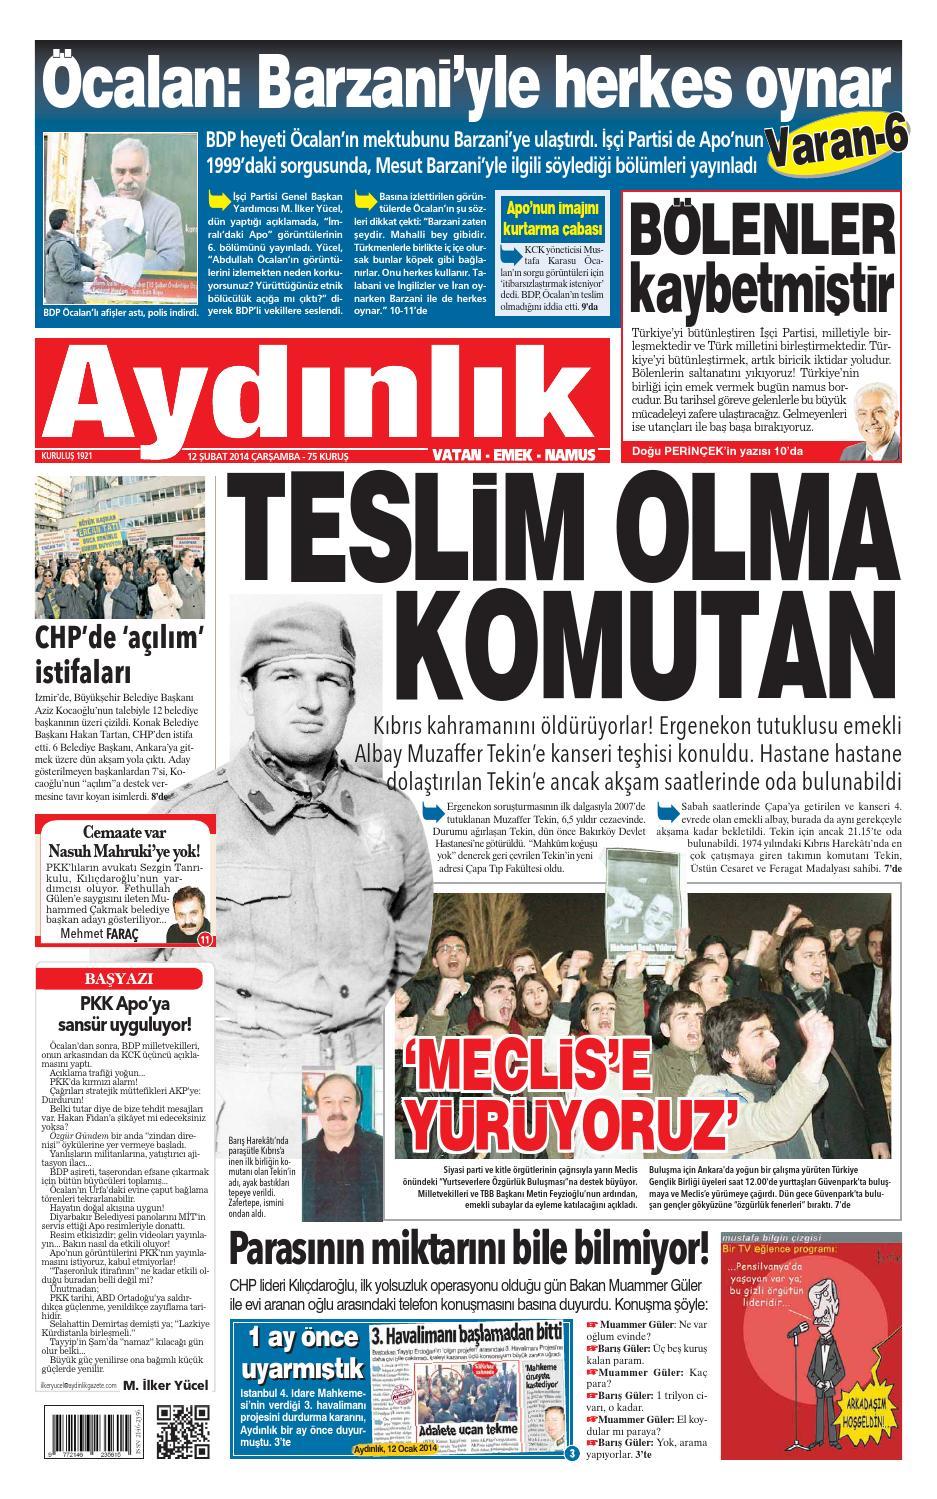 CHP ile HDPnin ortak adayı olacağı iddia edilen Celal Doğan: Görüşmeleri beklemek gerekli 8